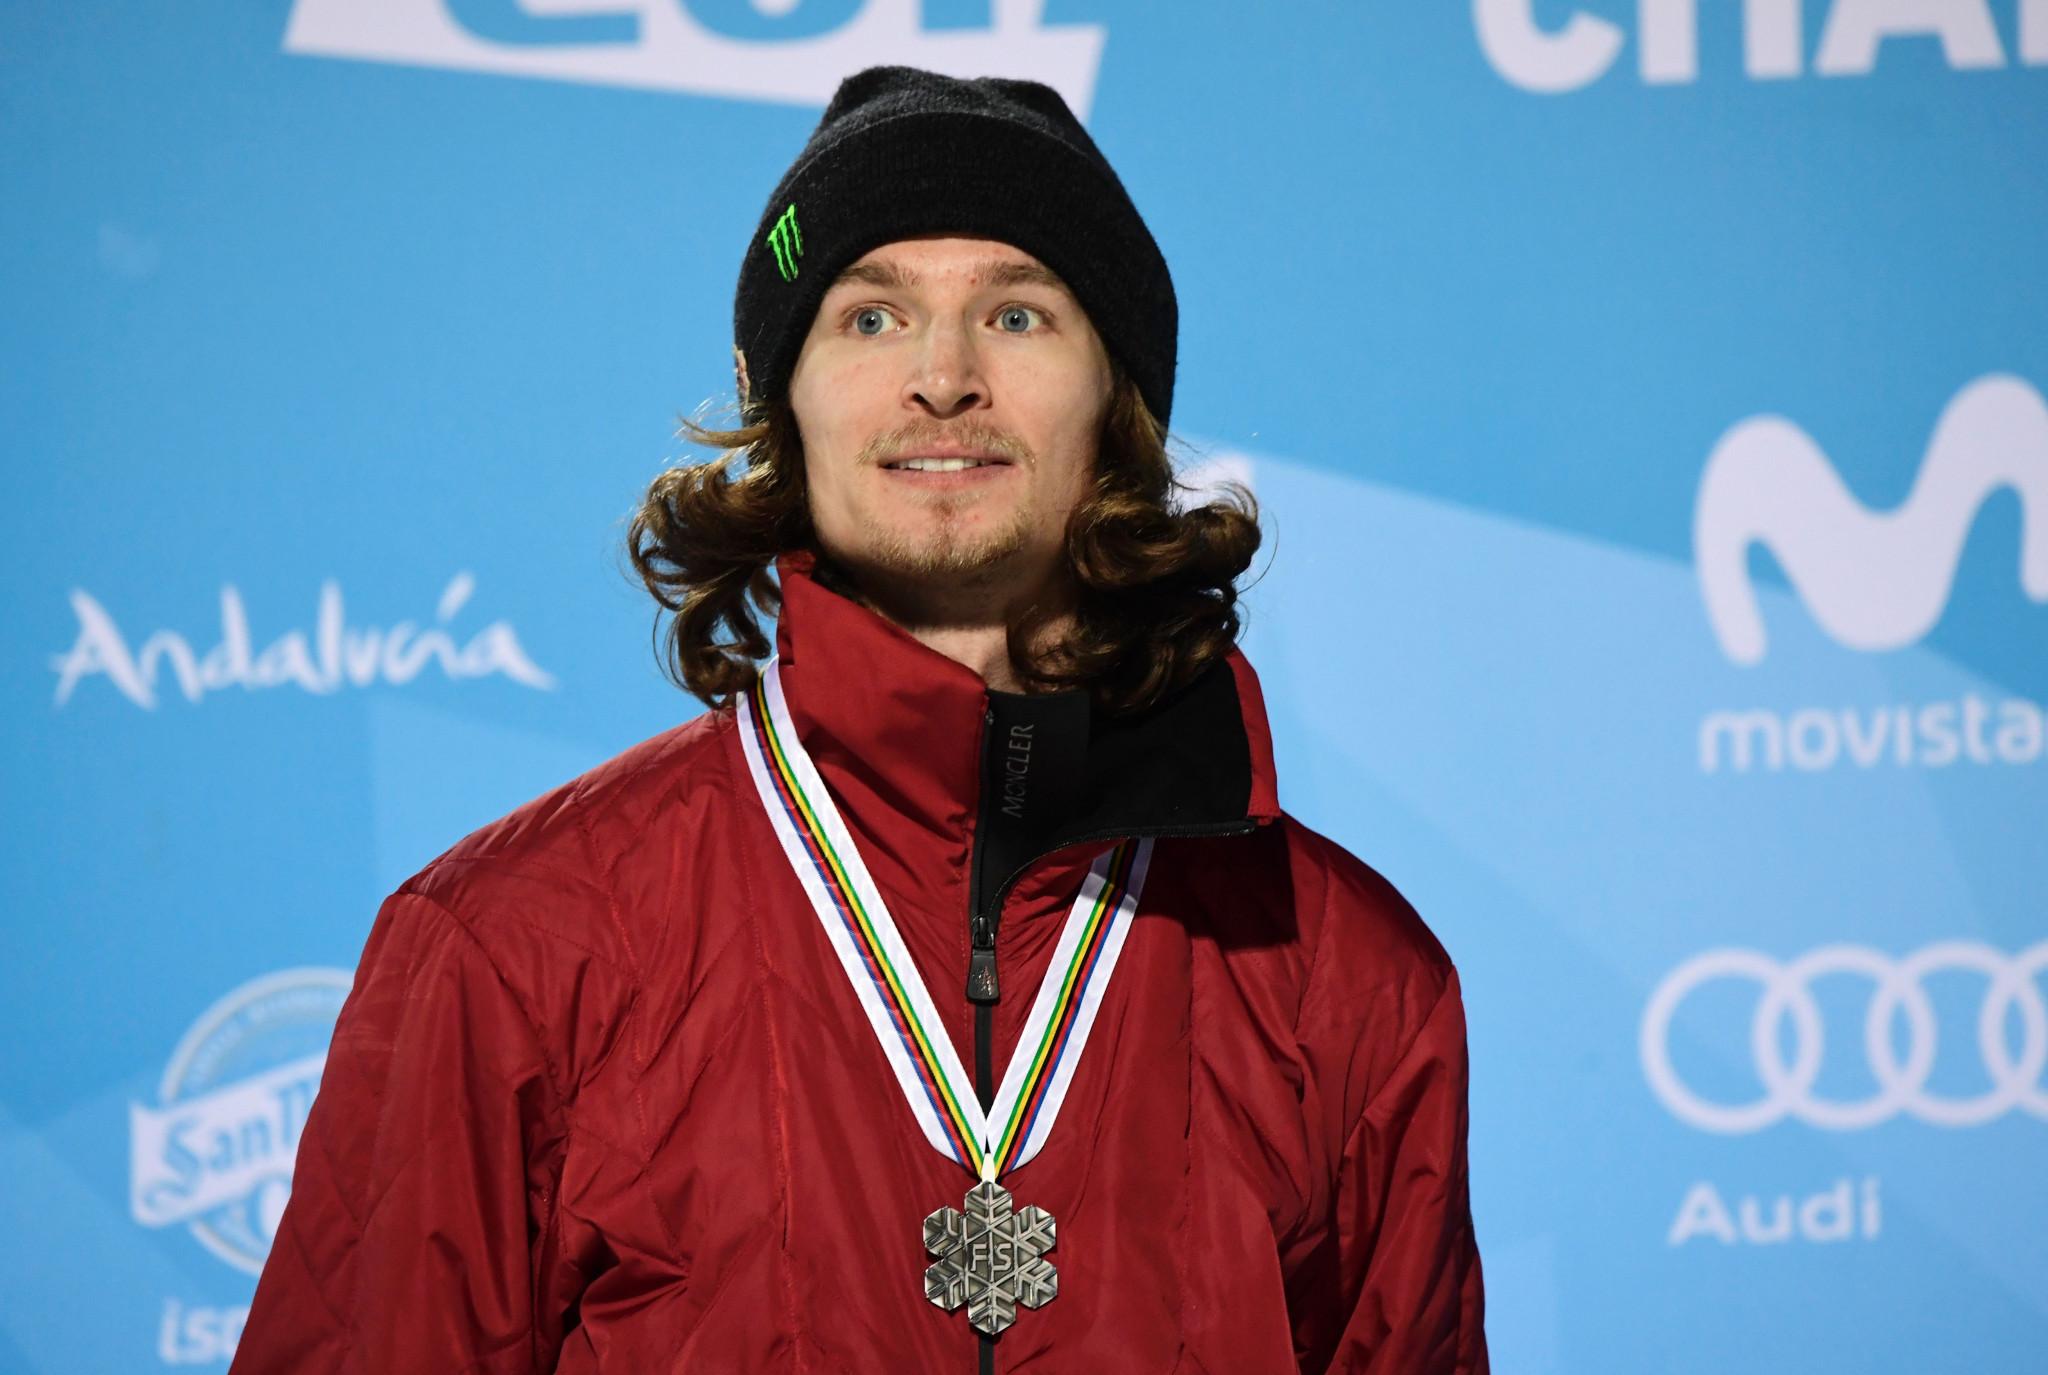 Sochi 2014 Olympic snowboarding champion Podladtchikov announces retirement